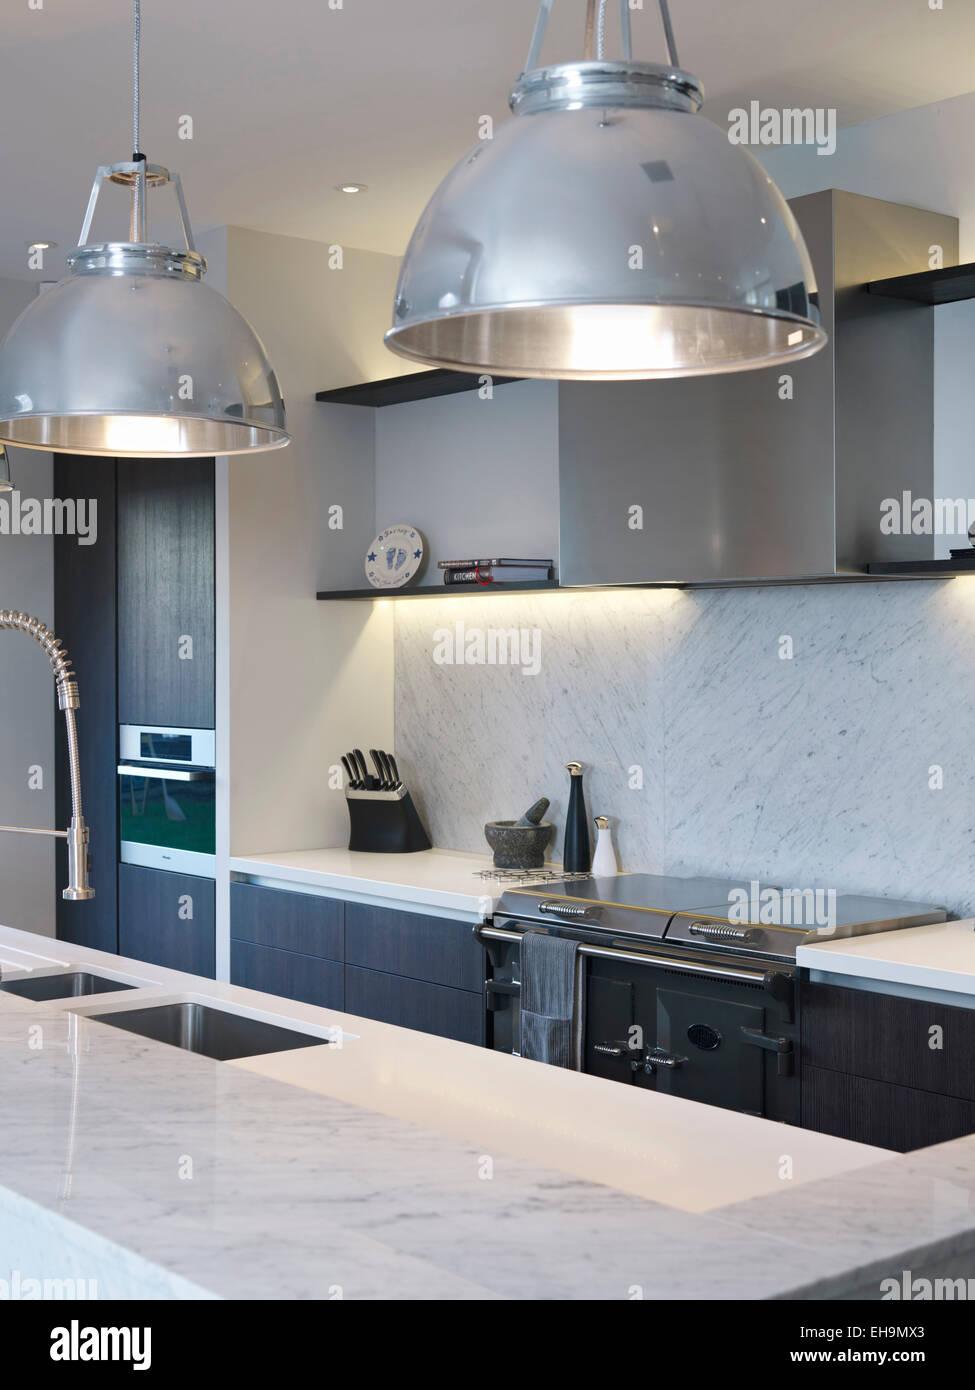 Lámparas colgantes arriba isla unidad en cocina moderna, casa ...